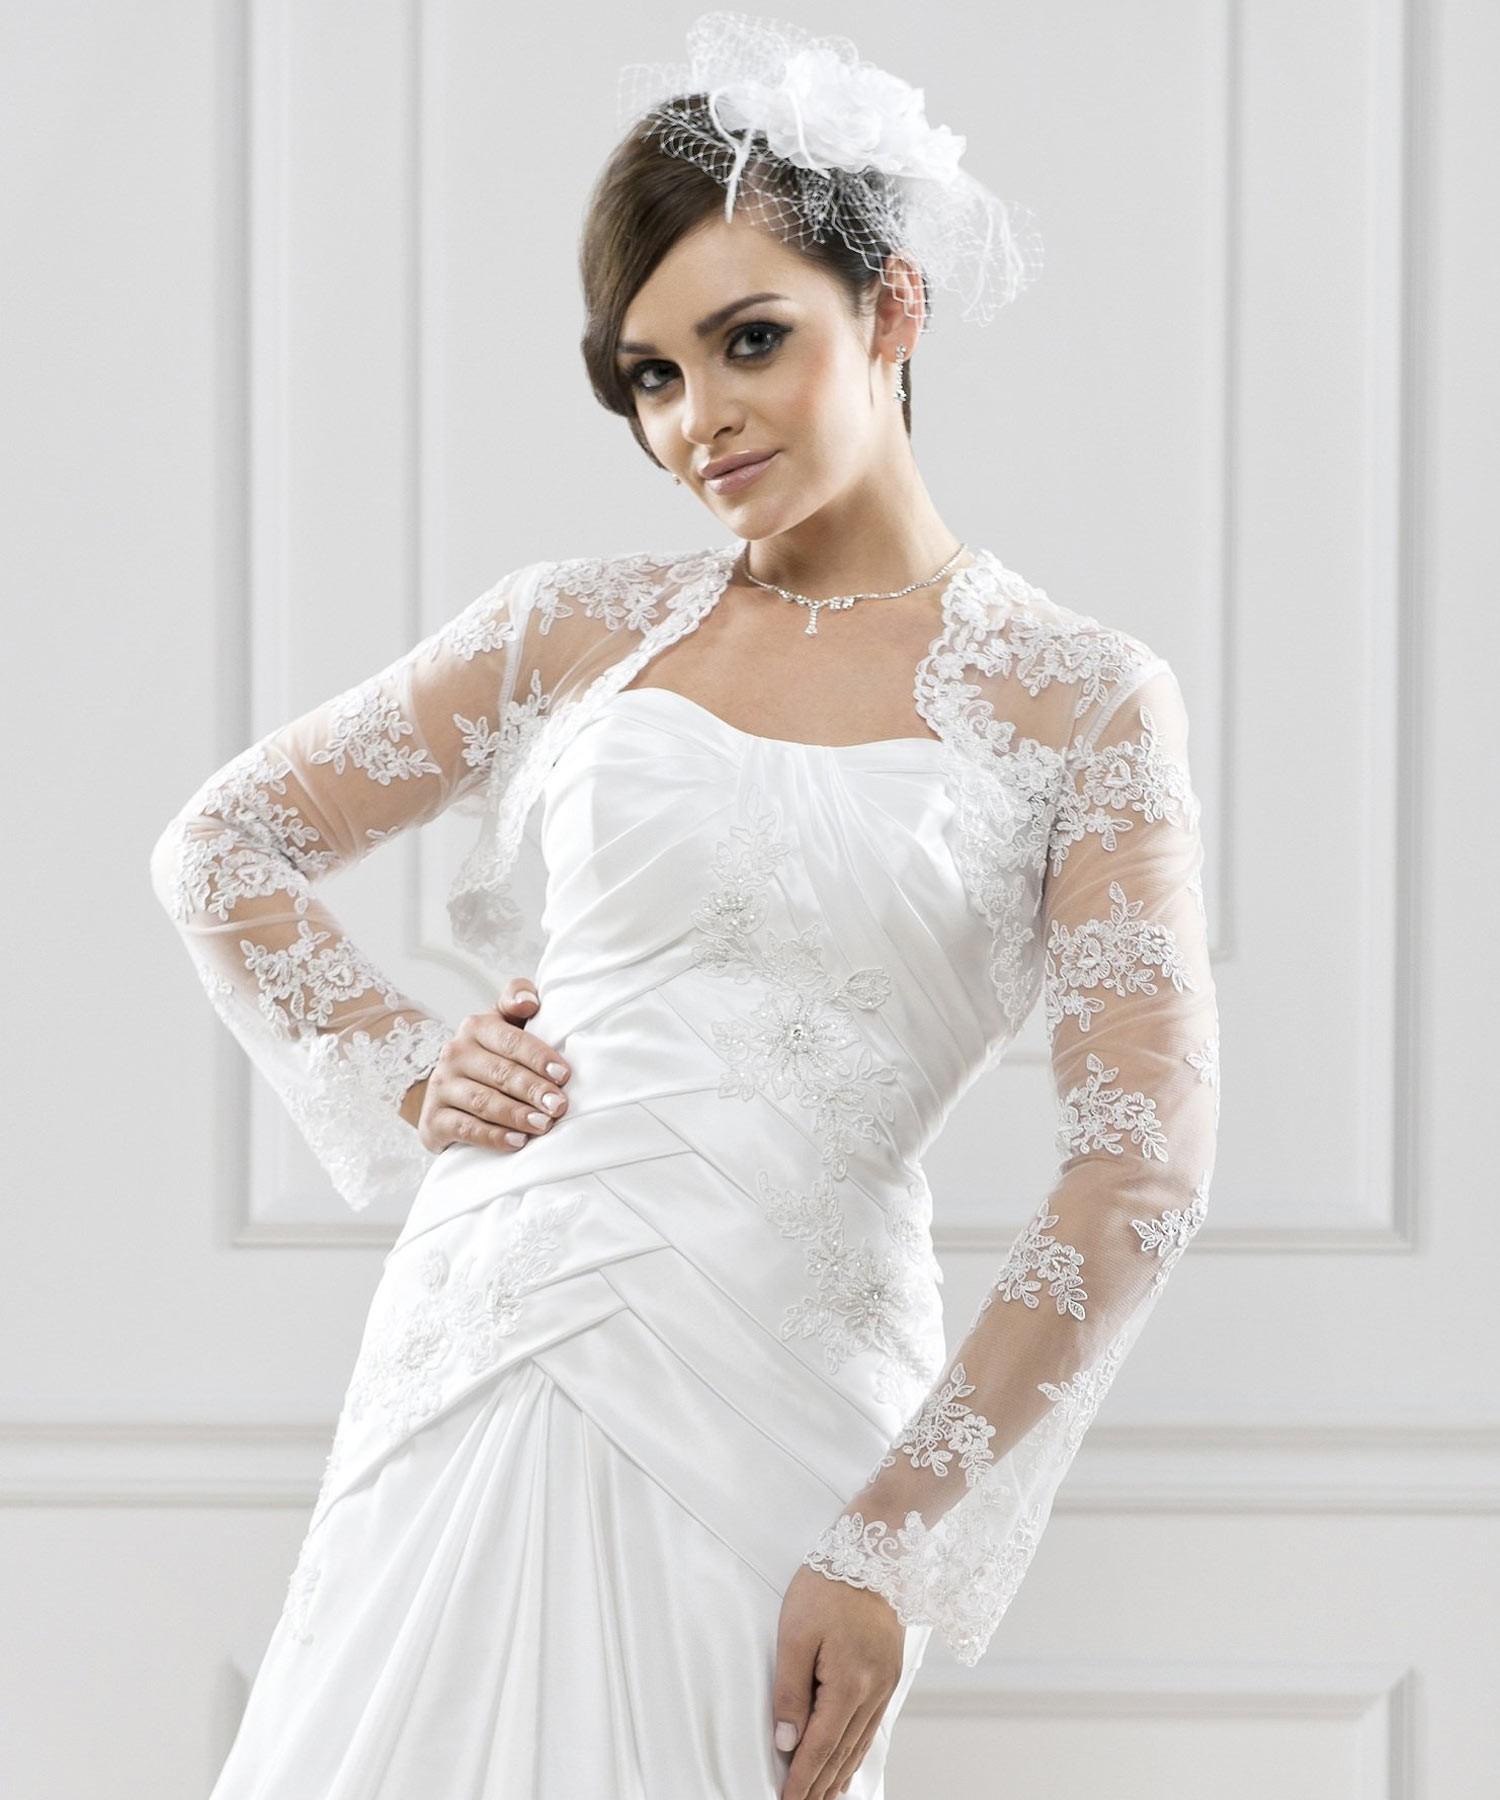 bolro mariage dentelle teresa blanc - Bolero Mariage Blanc